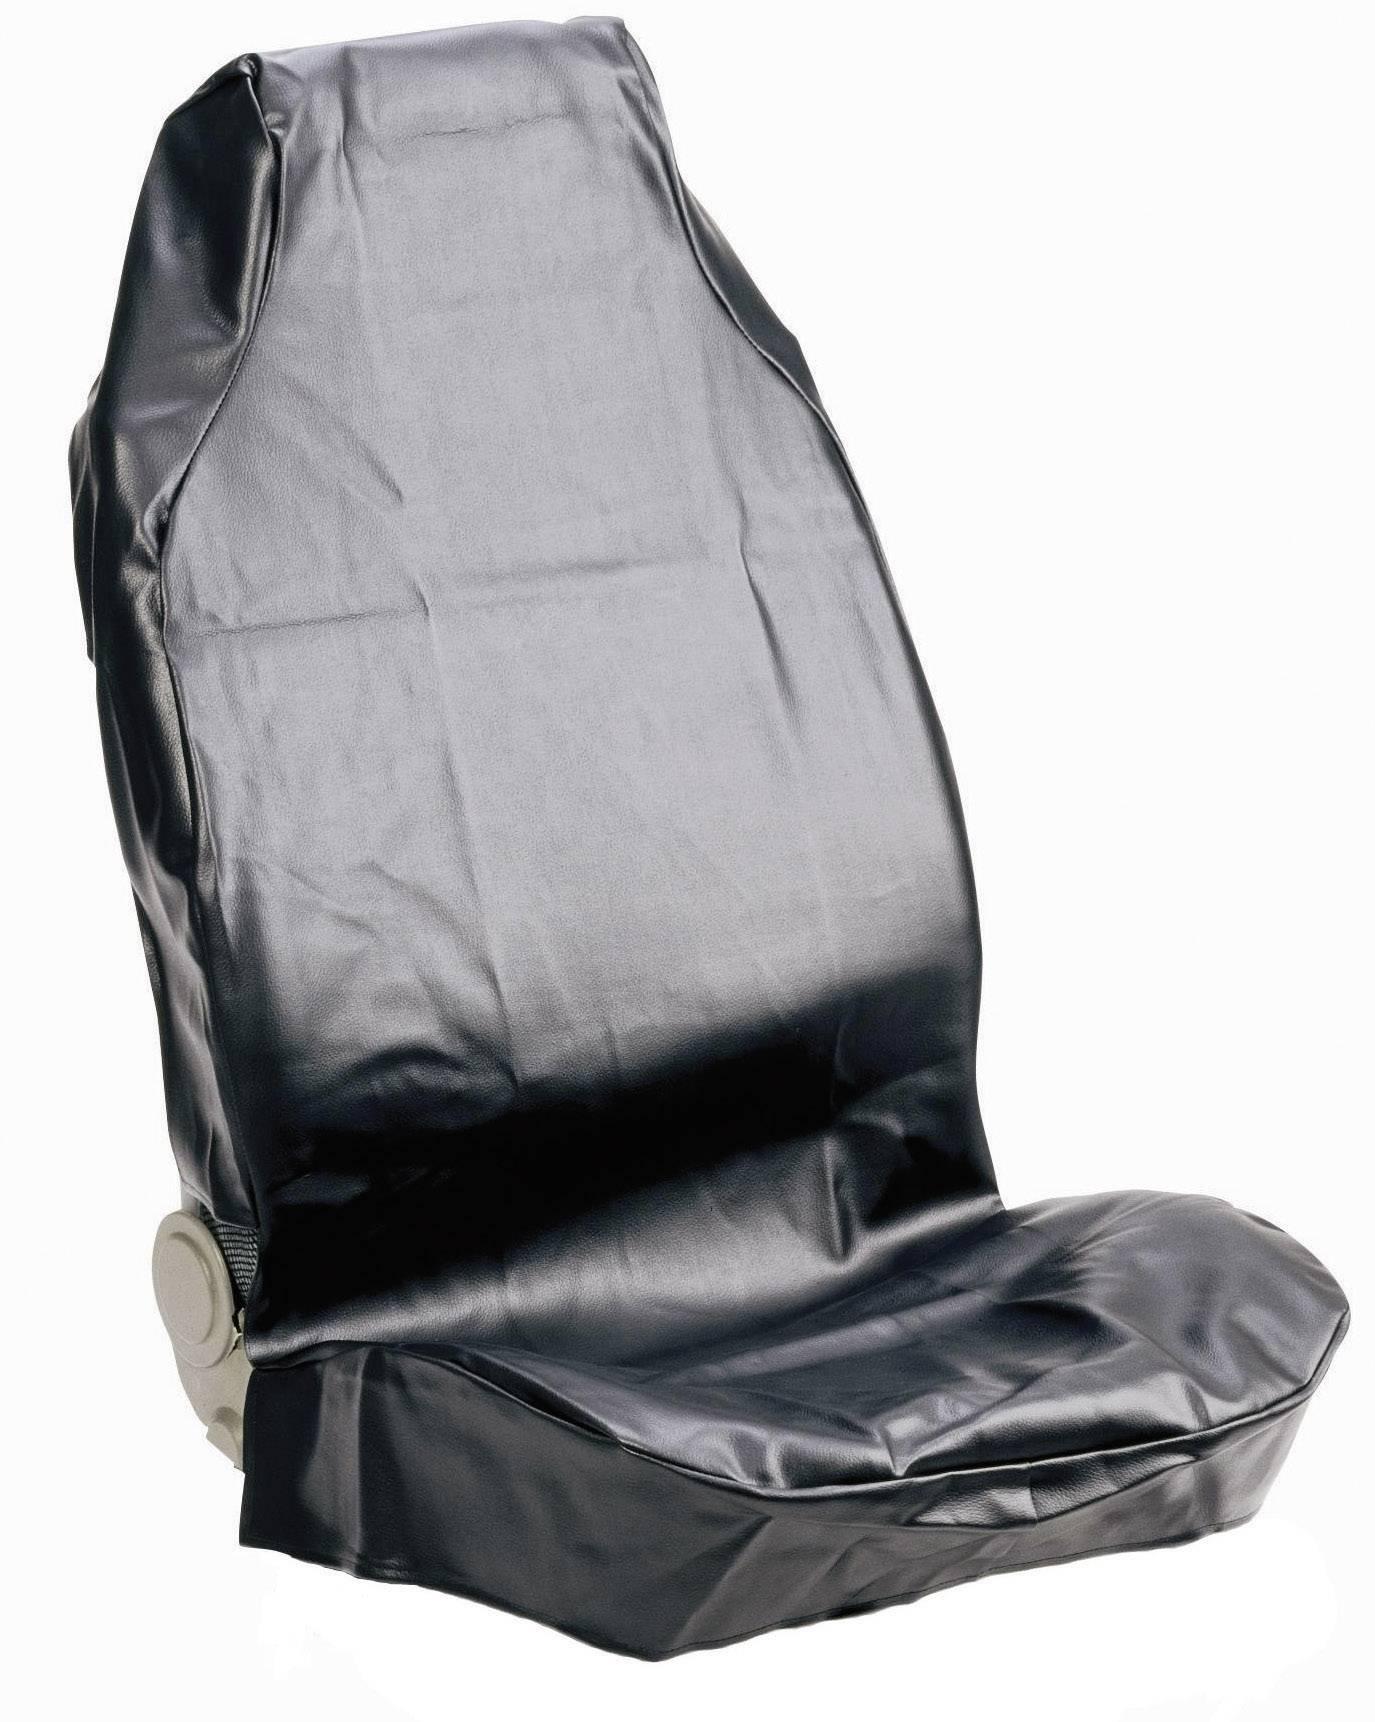 2 X Schonbezug Werkstatt Sitzbezug  Werkstattschoner Polyester